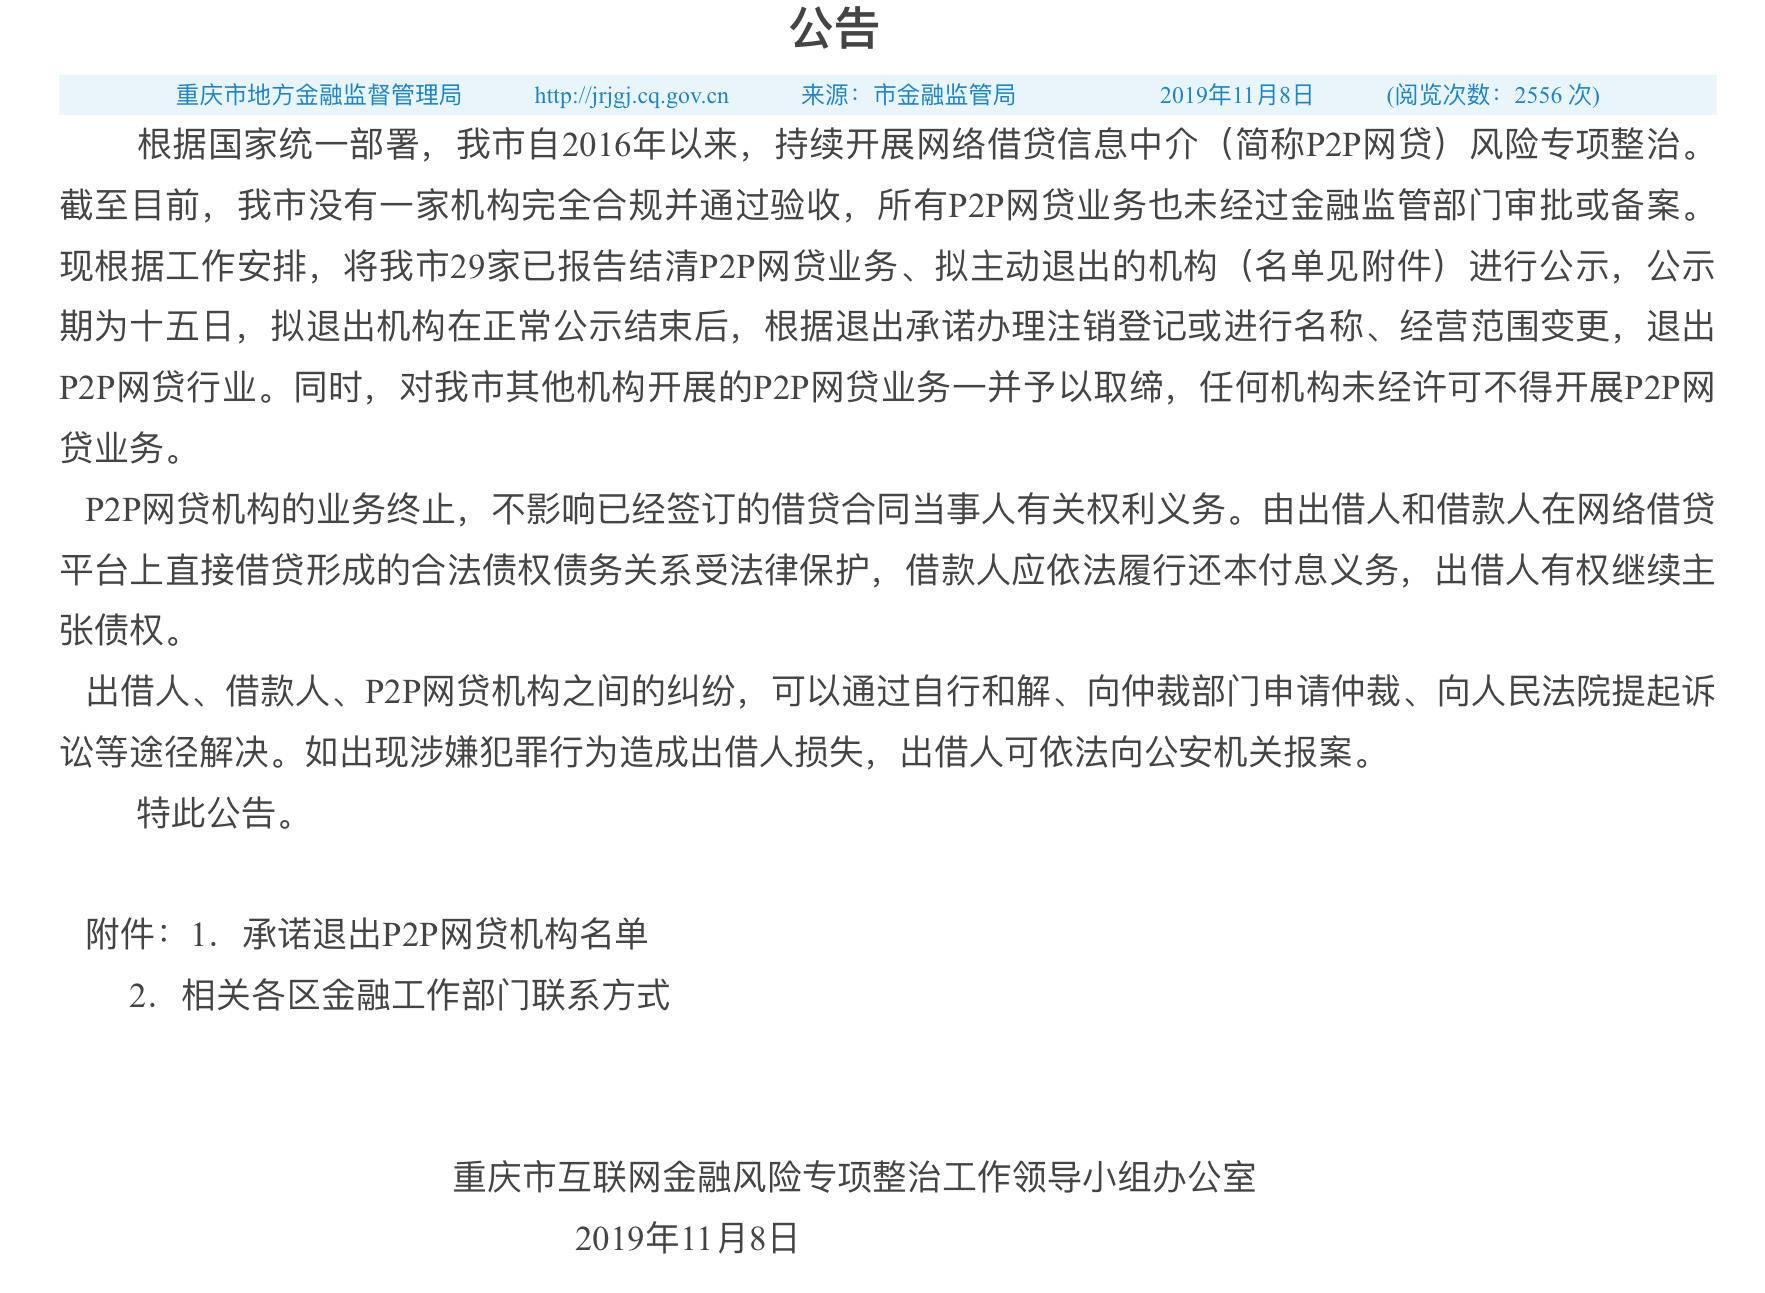 亚盈国际娱乐 - 汪小康离任左右家私总裁 床垫行业从春秋步入了战国